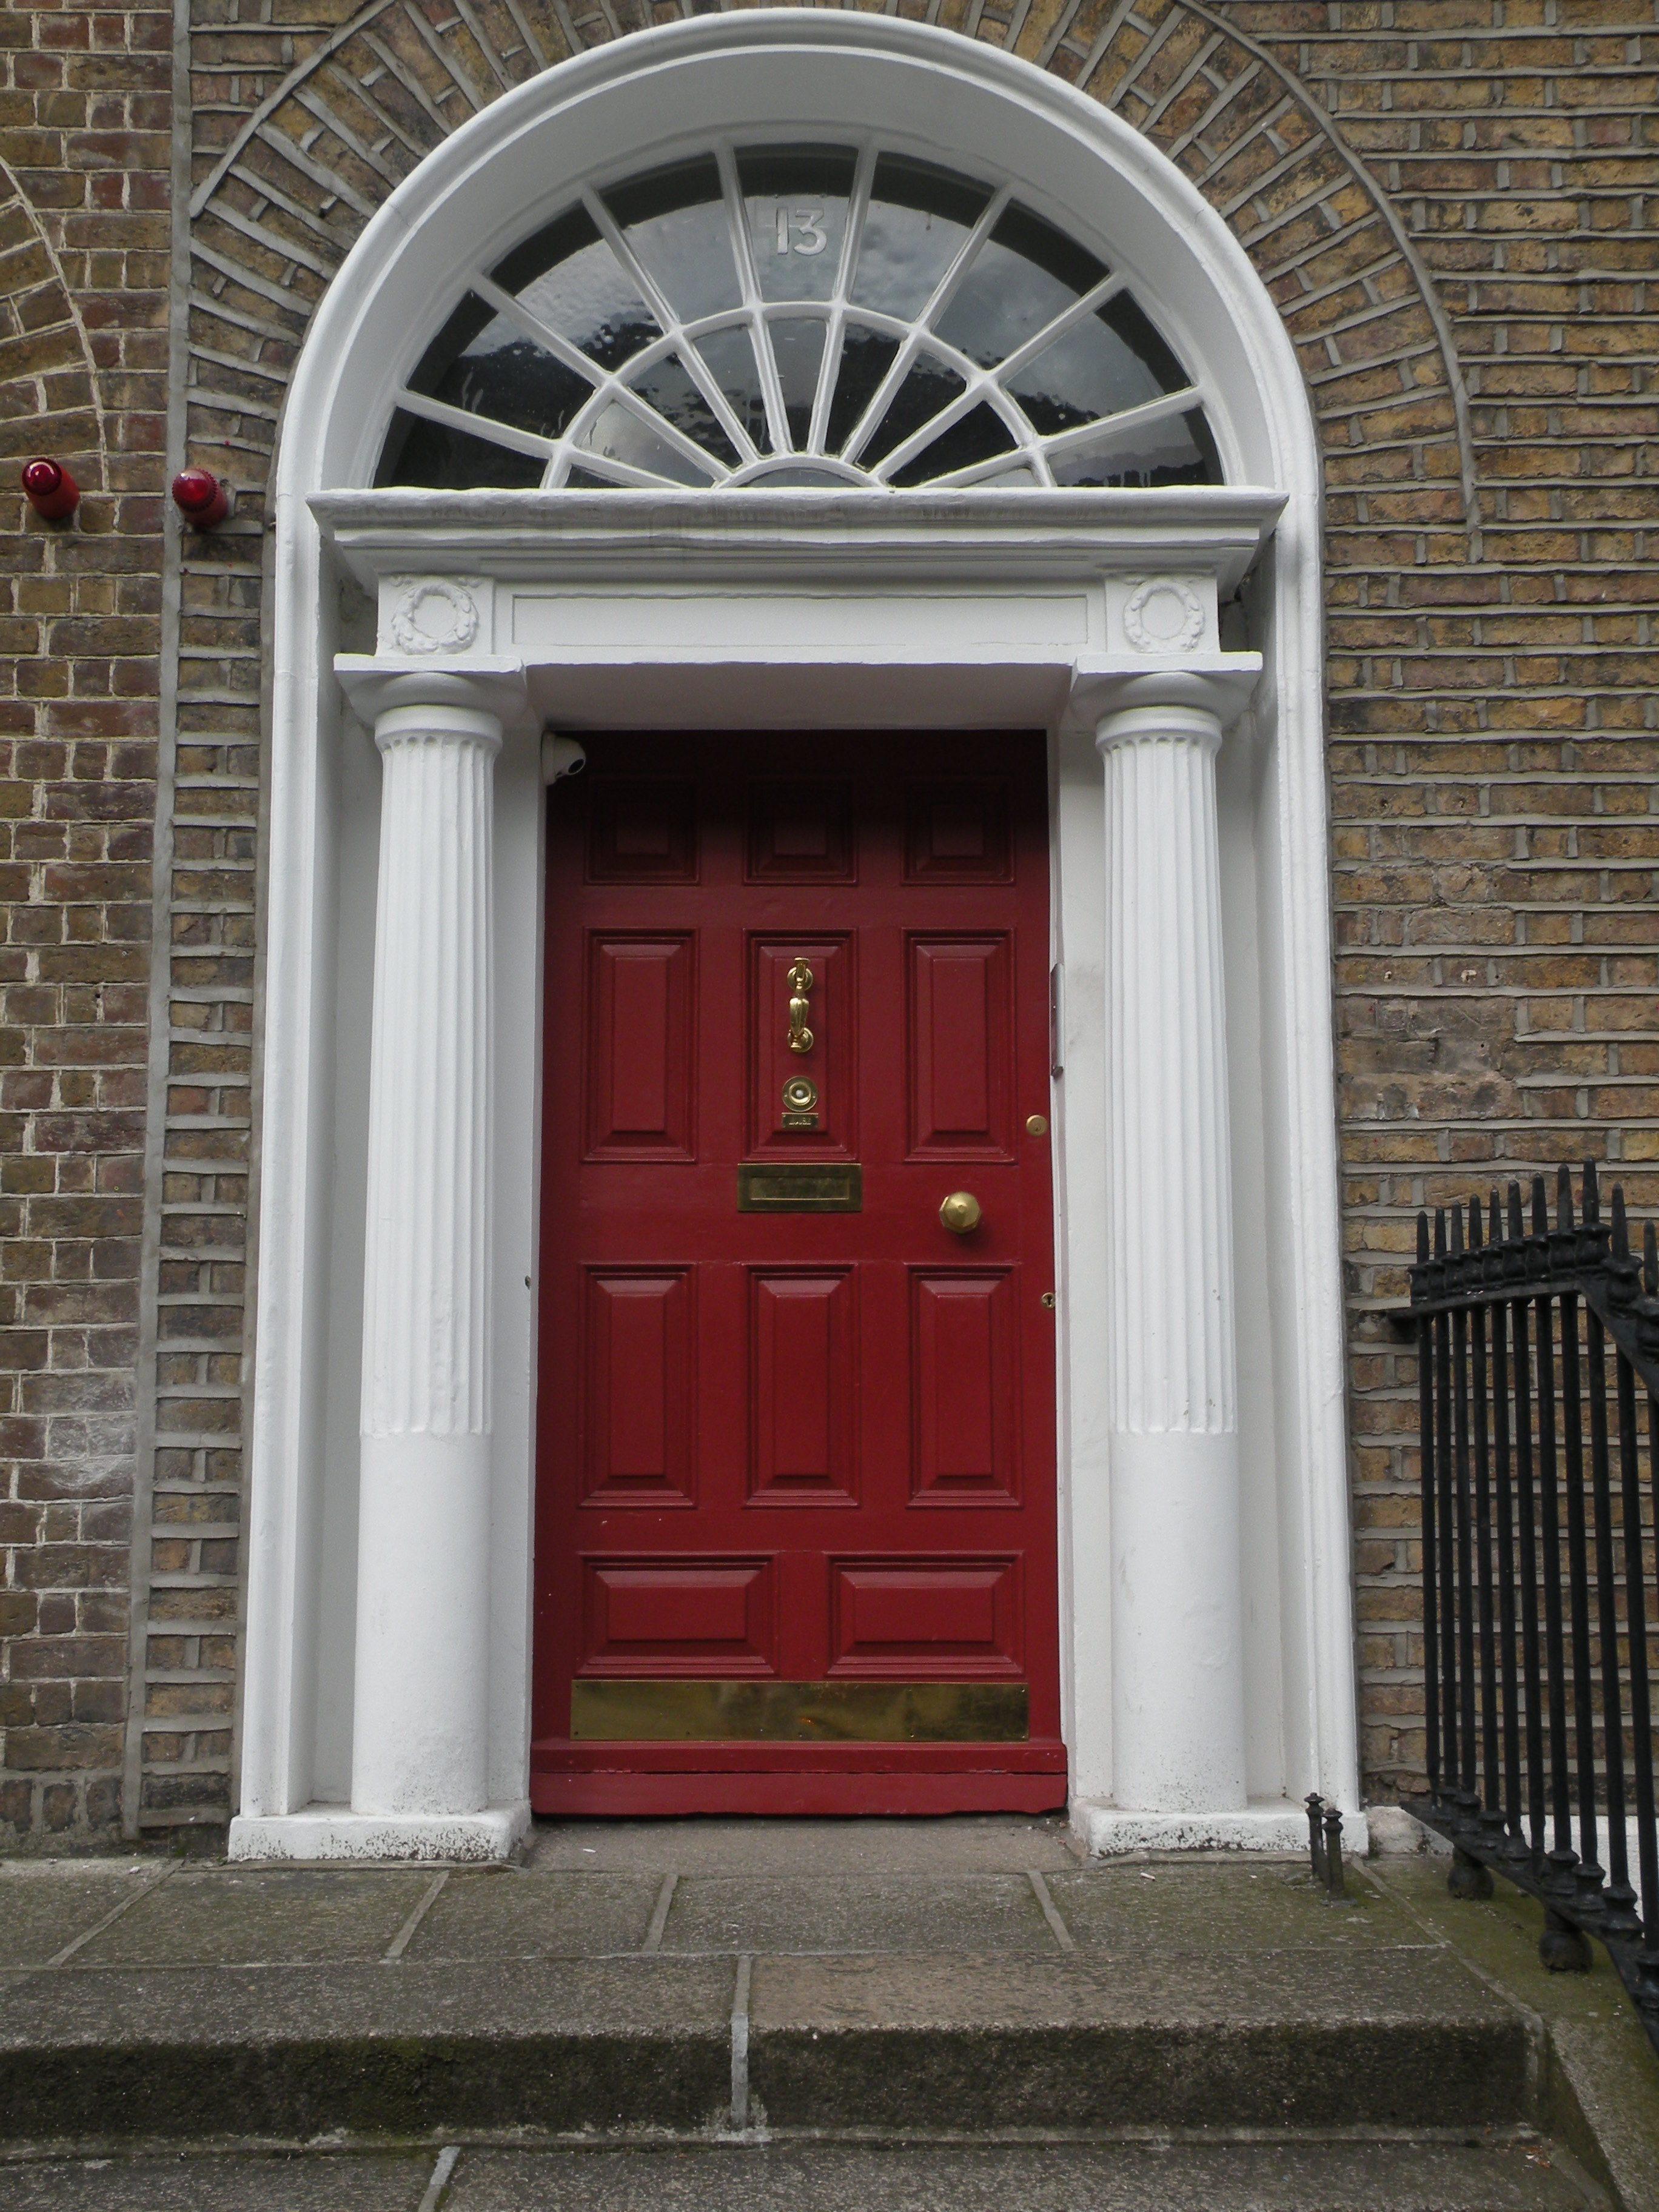 dscn1053 dscn1051 dscn1043 & The Doors of Dublin - Zen Brush